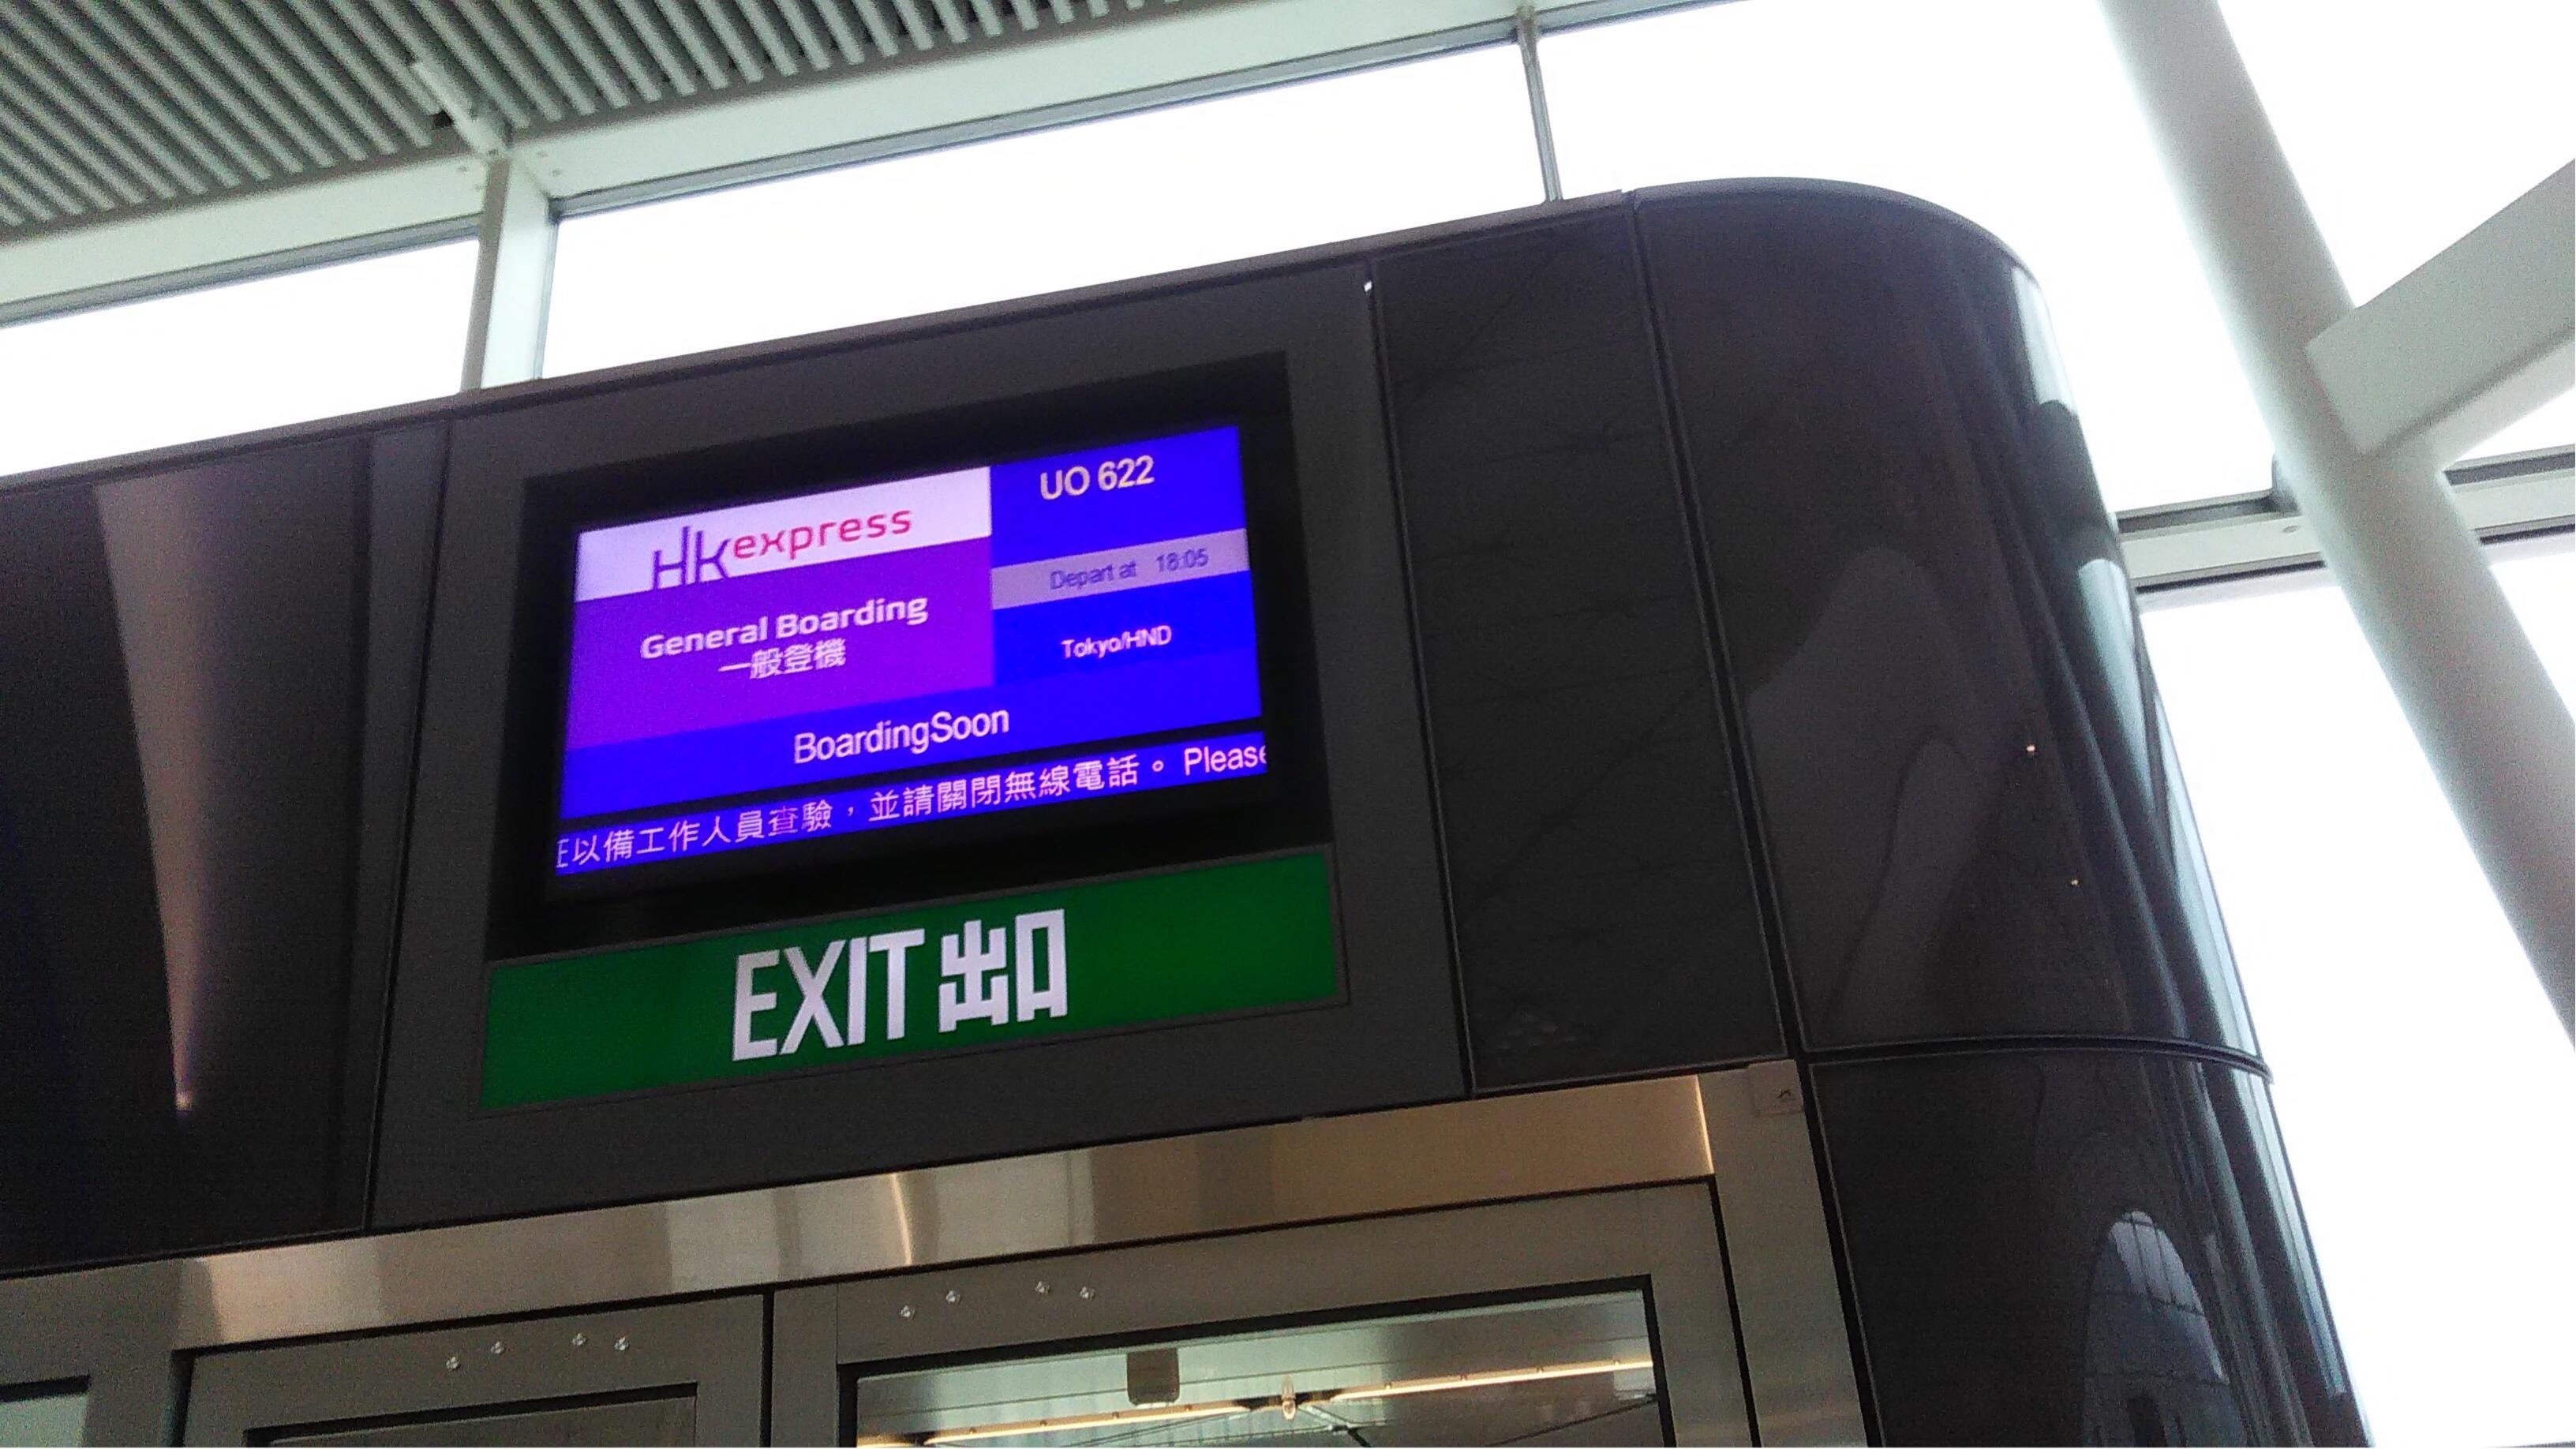 到达登机闸口后...